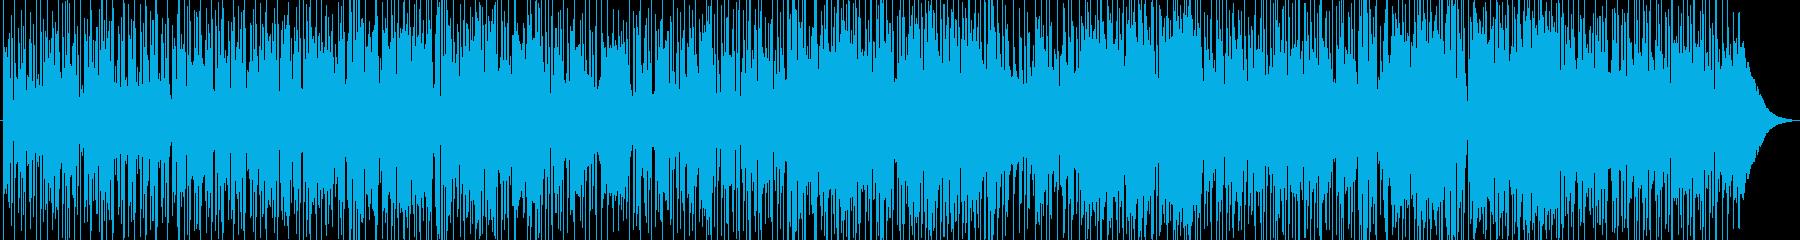 モノクロノユメの再生済みの波形